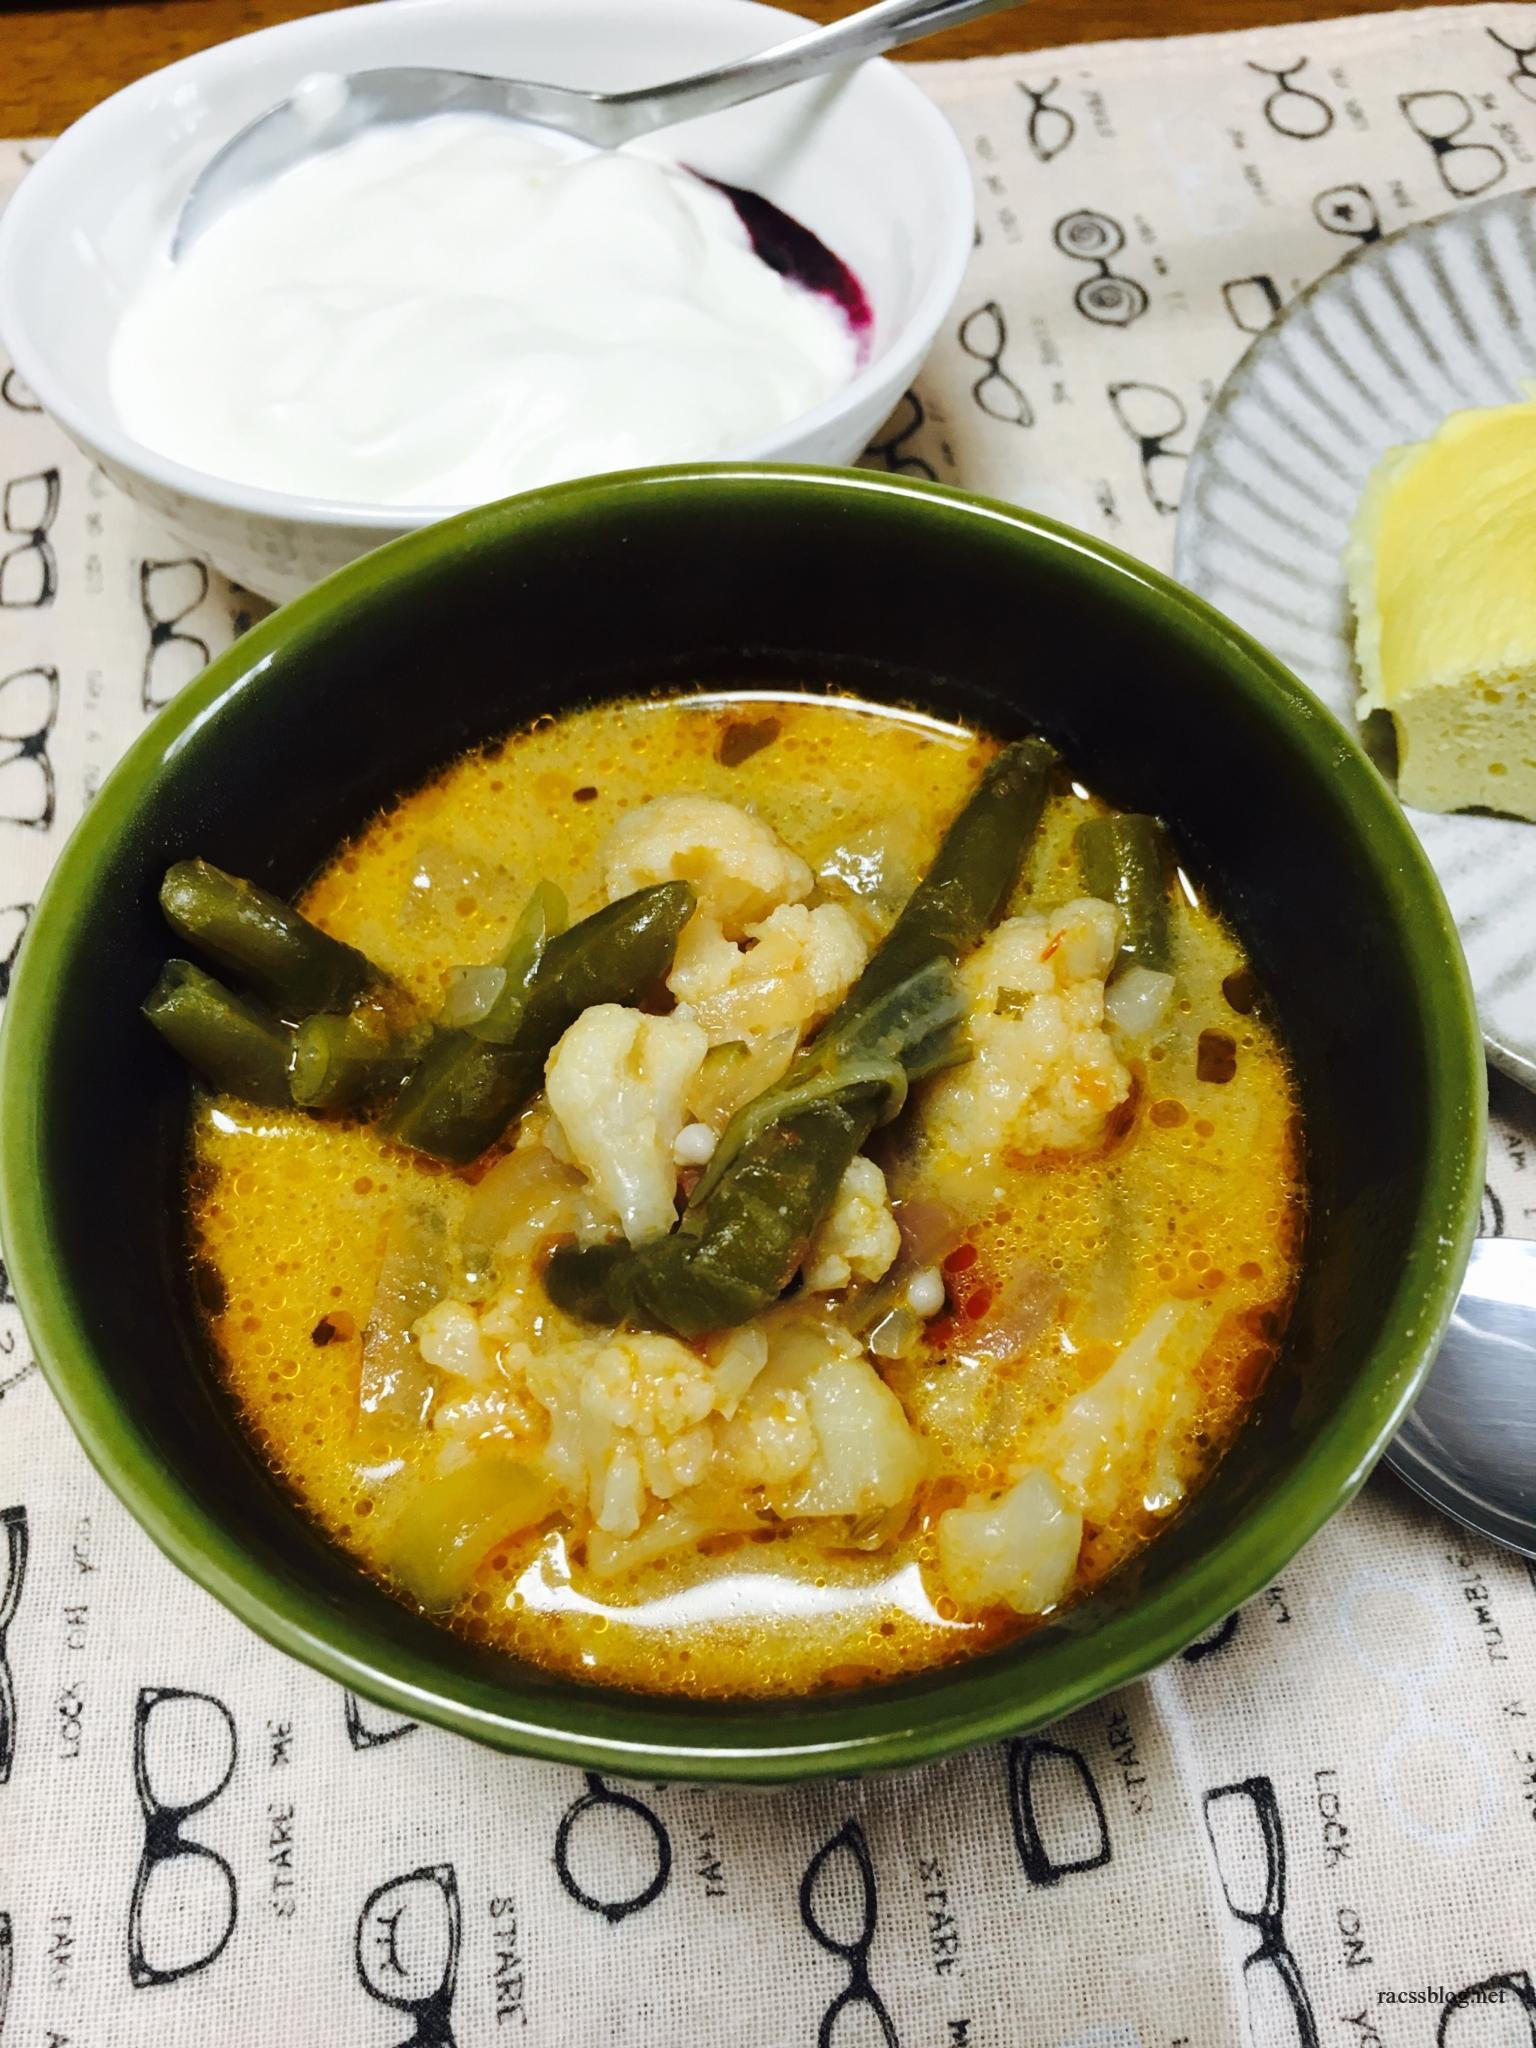 満足度も代謝もアップするスパイスカレースープの作り方[低糖質レシピ]